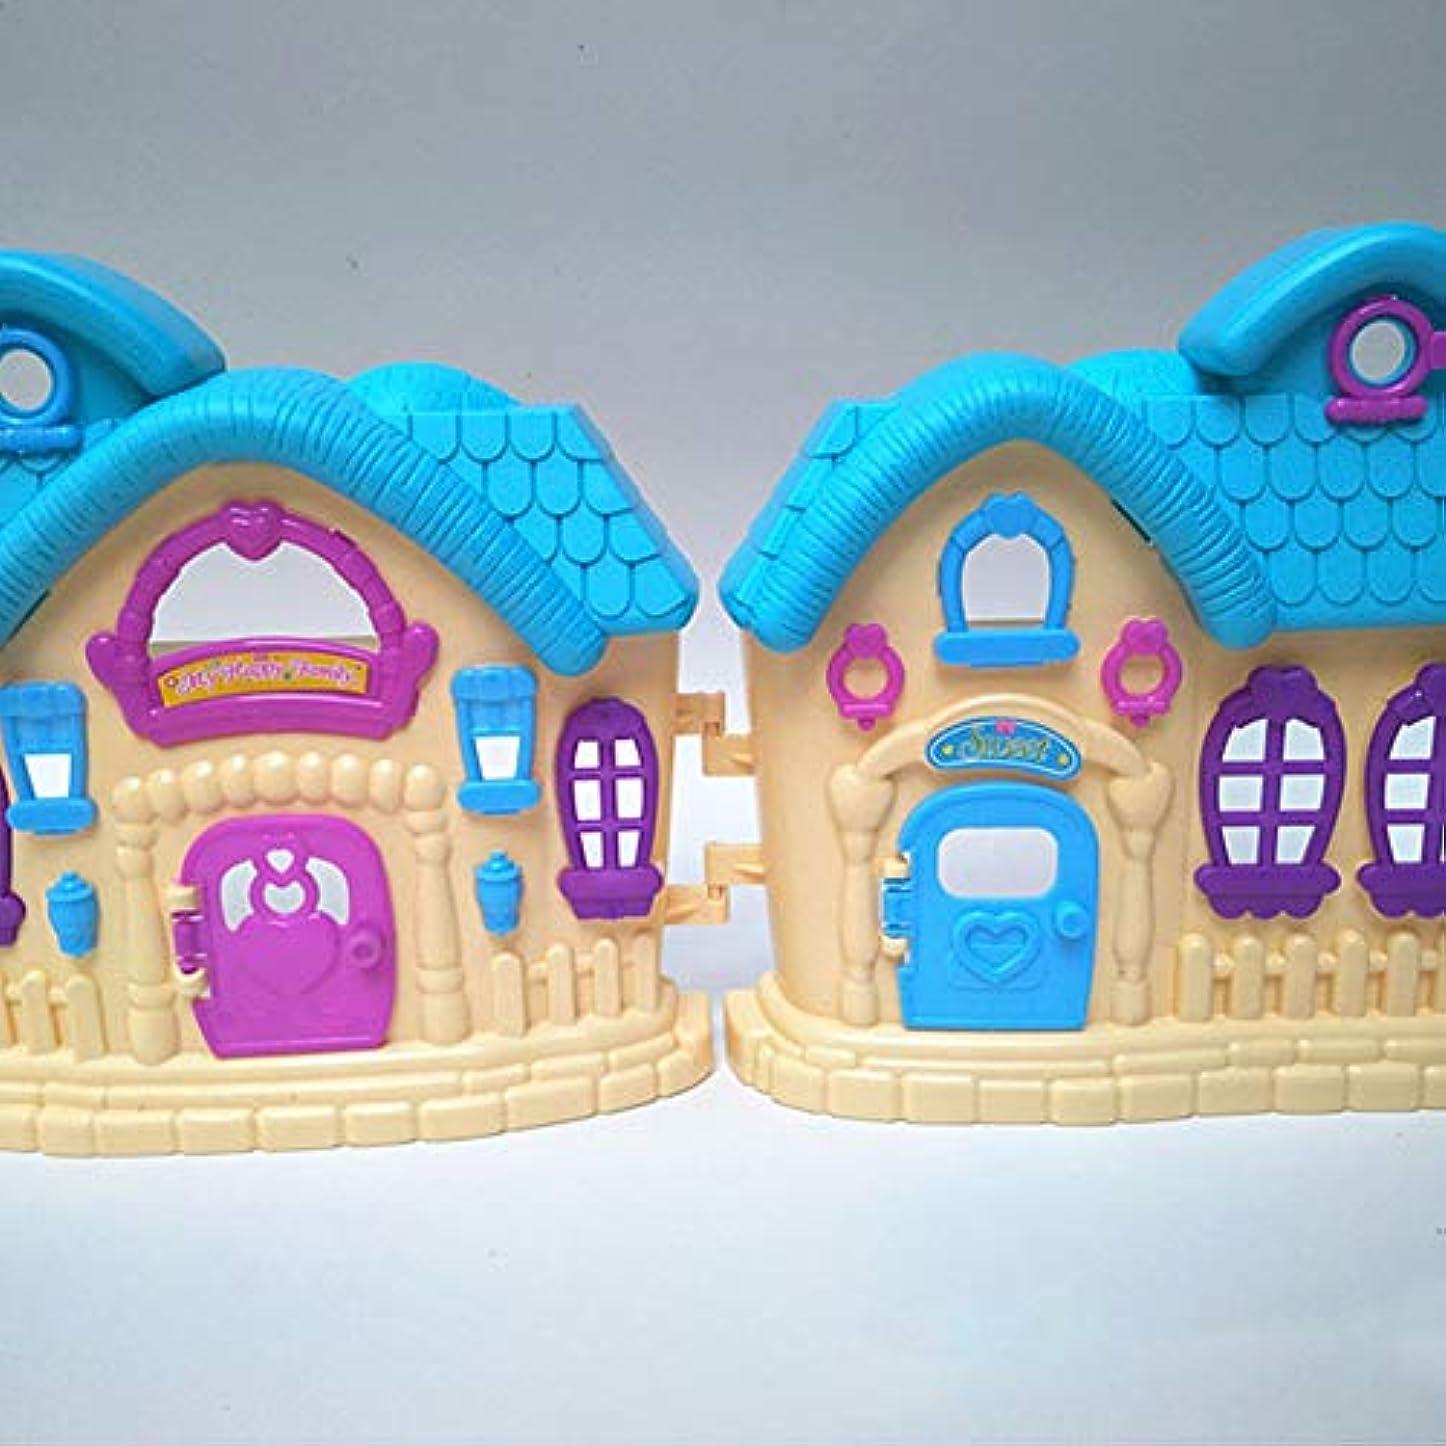 海洋の同意する報復するgoupgolboll-人形遊びミニヴィラハウスドールハウス家具アクセサリー子供女の子のおもちゃ - ランダムカラー